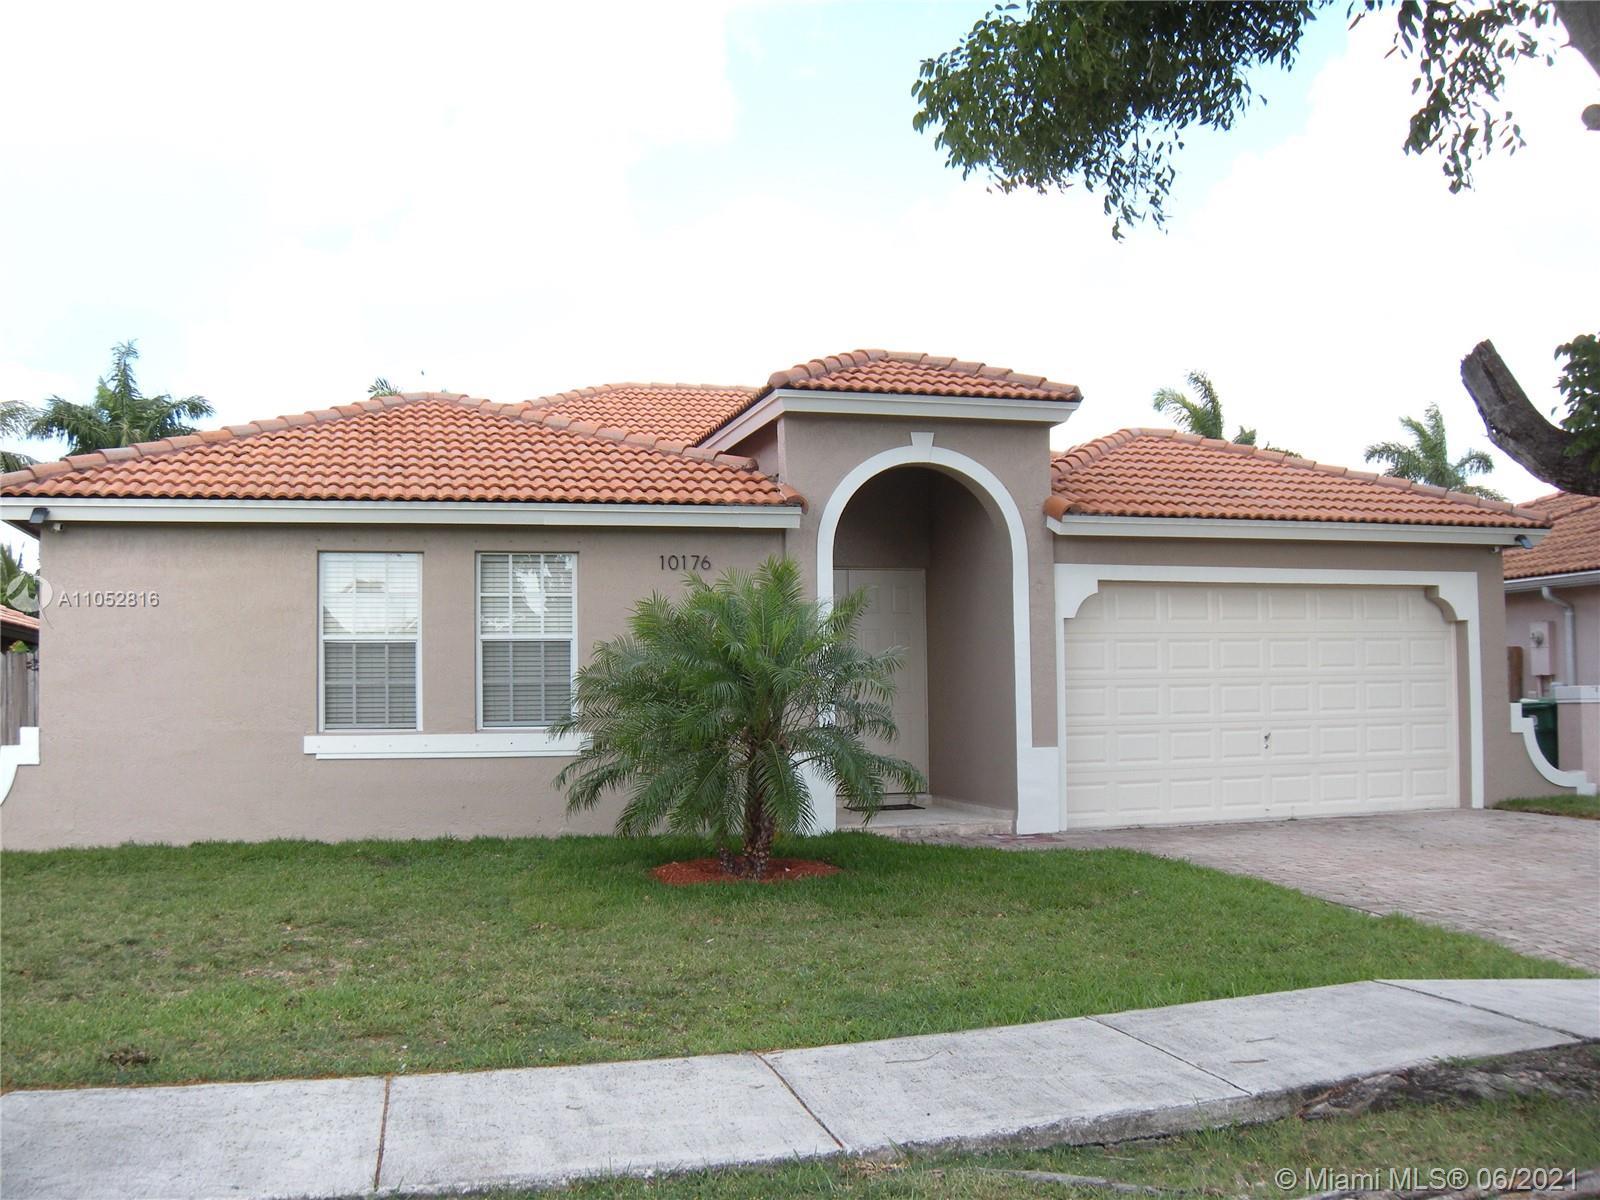 Hammocks - 10176 SW 161st Pl, Miami, FL 33196